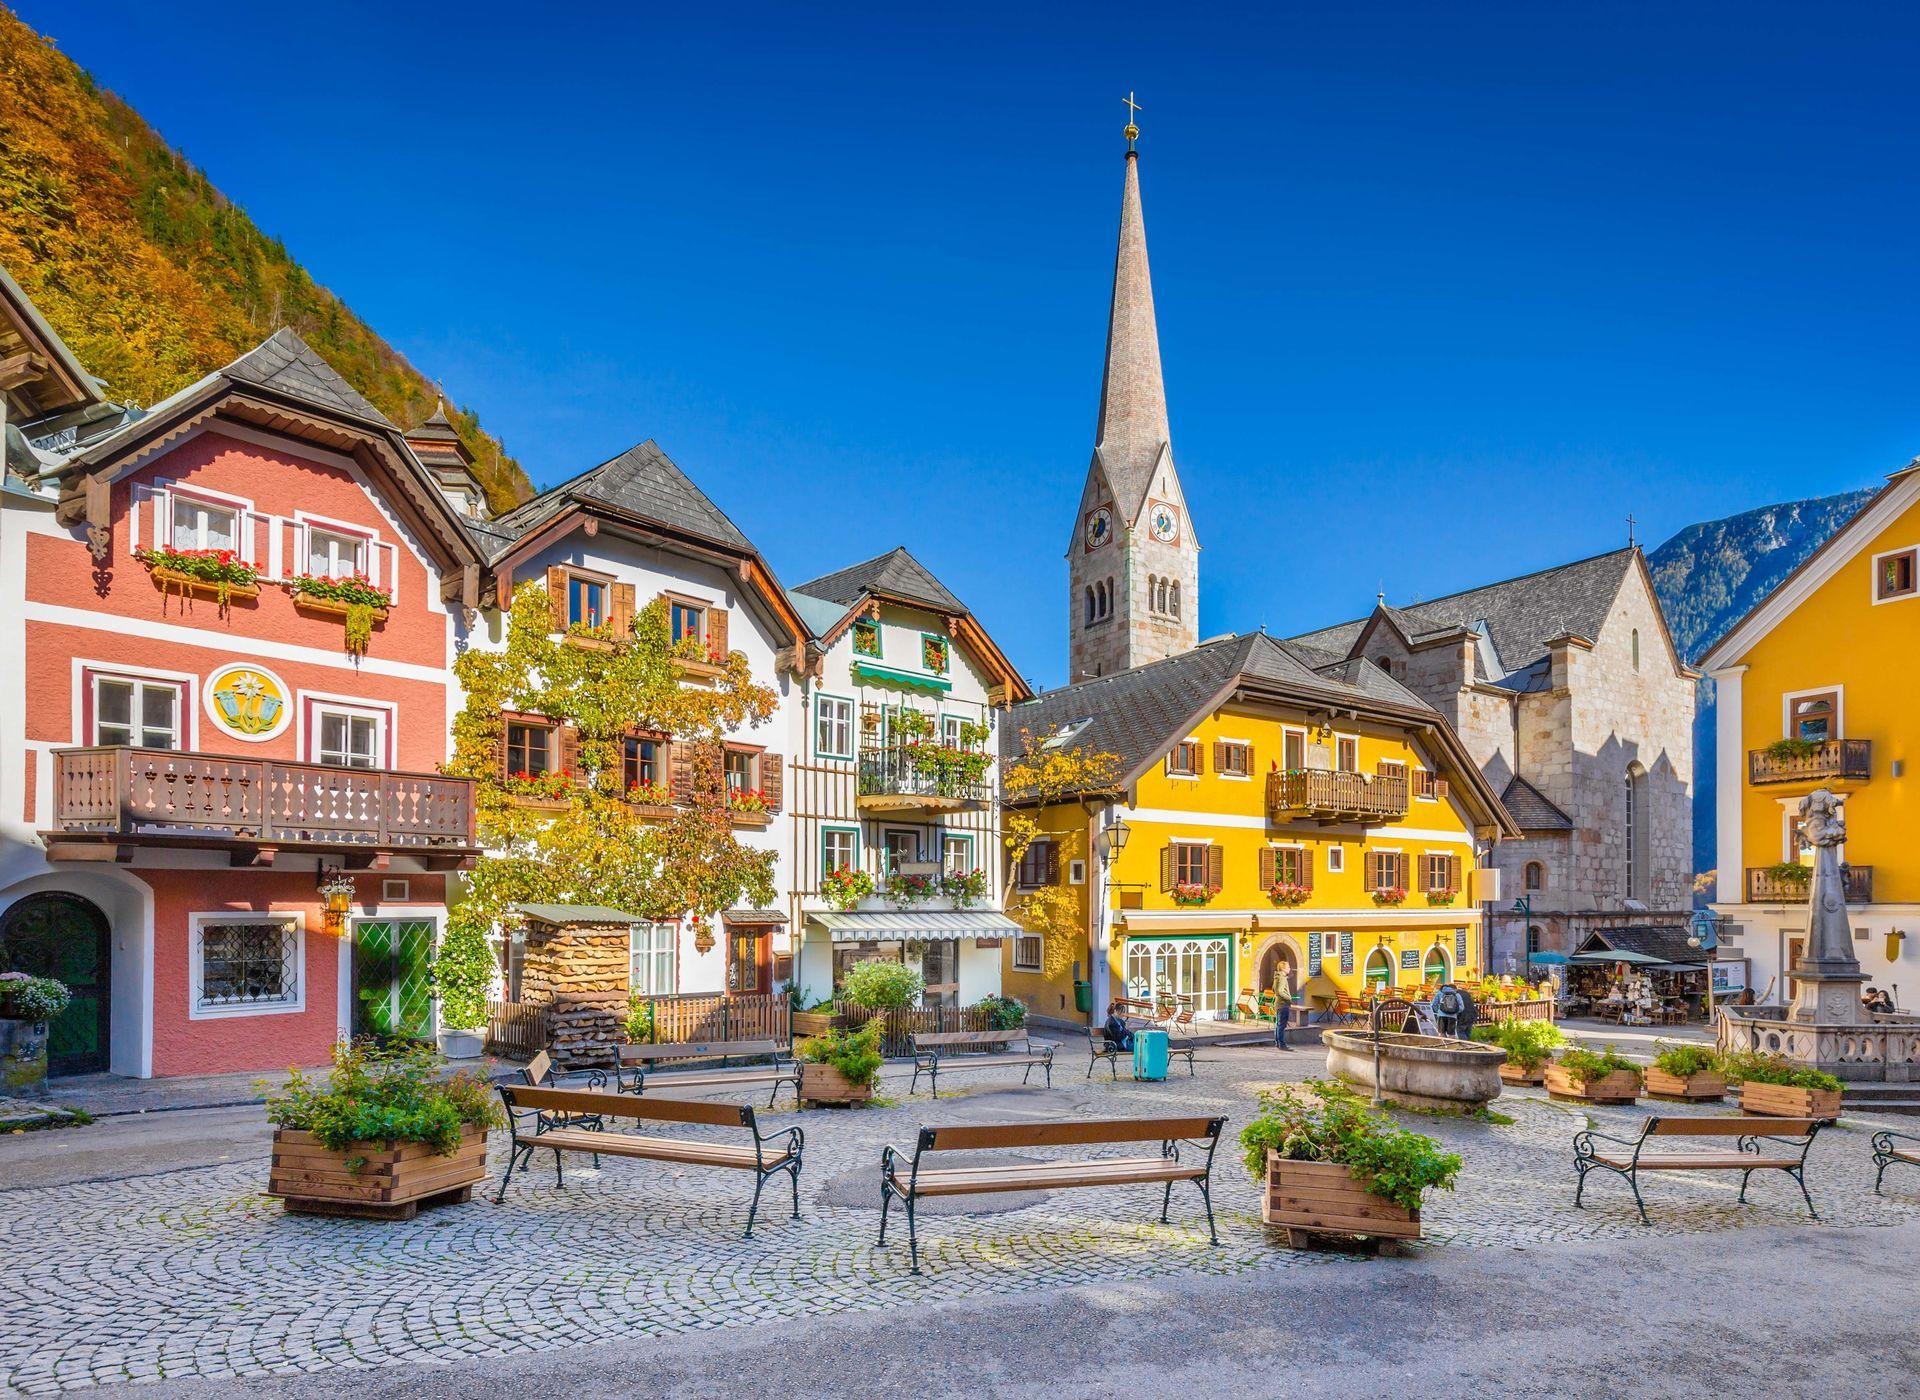 Hallstatt Hallstatt, Austria Building Town Landmark Sky City Town Square